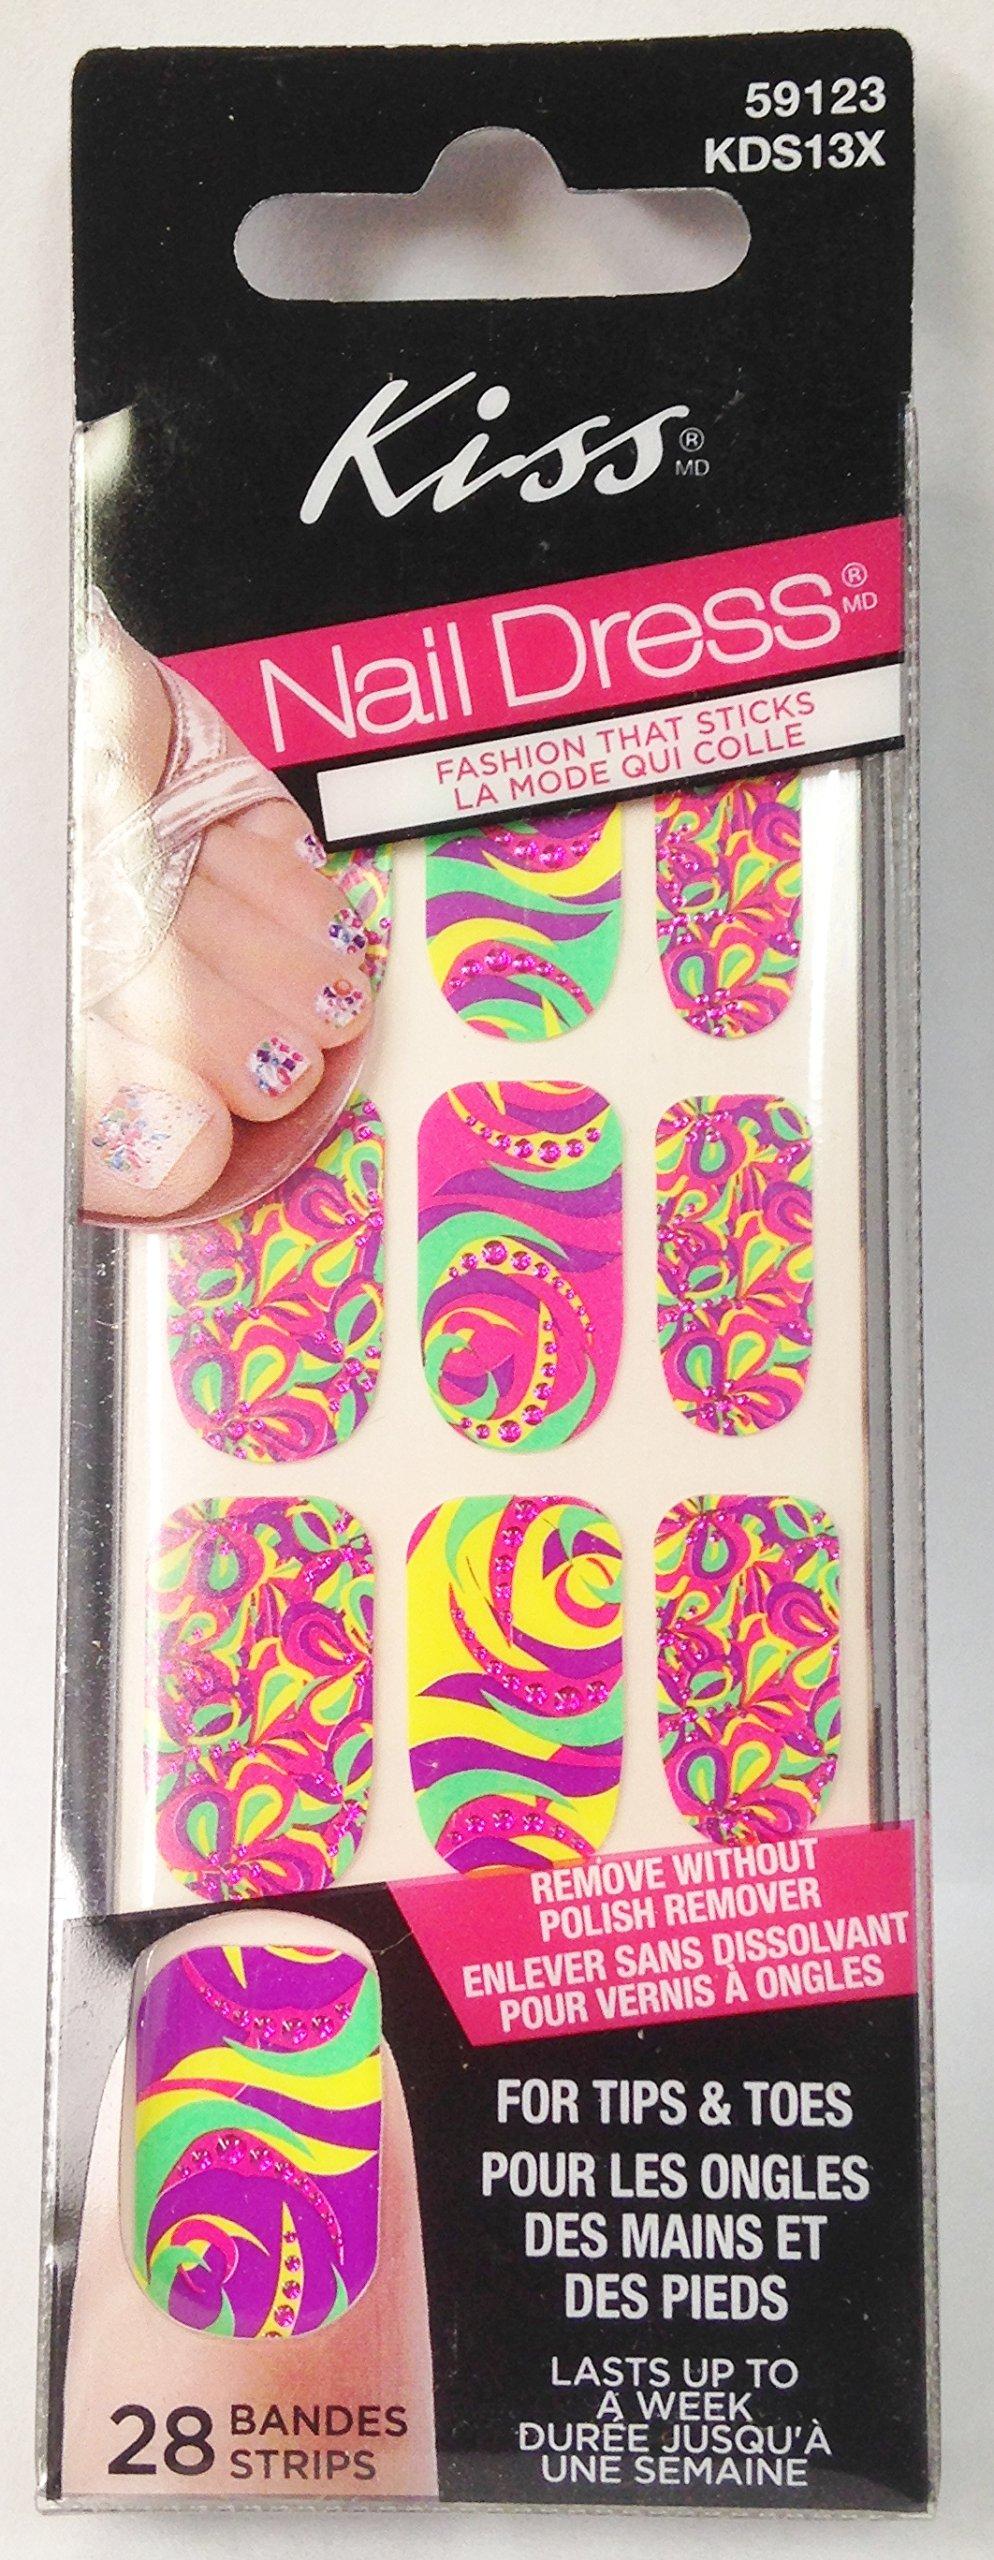 59123 Premiere Party - Kiss Nail Dress Fashion Nail Stickers 28 Strip PK